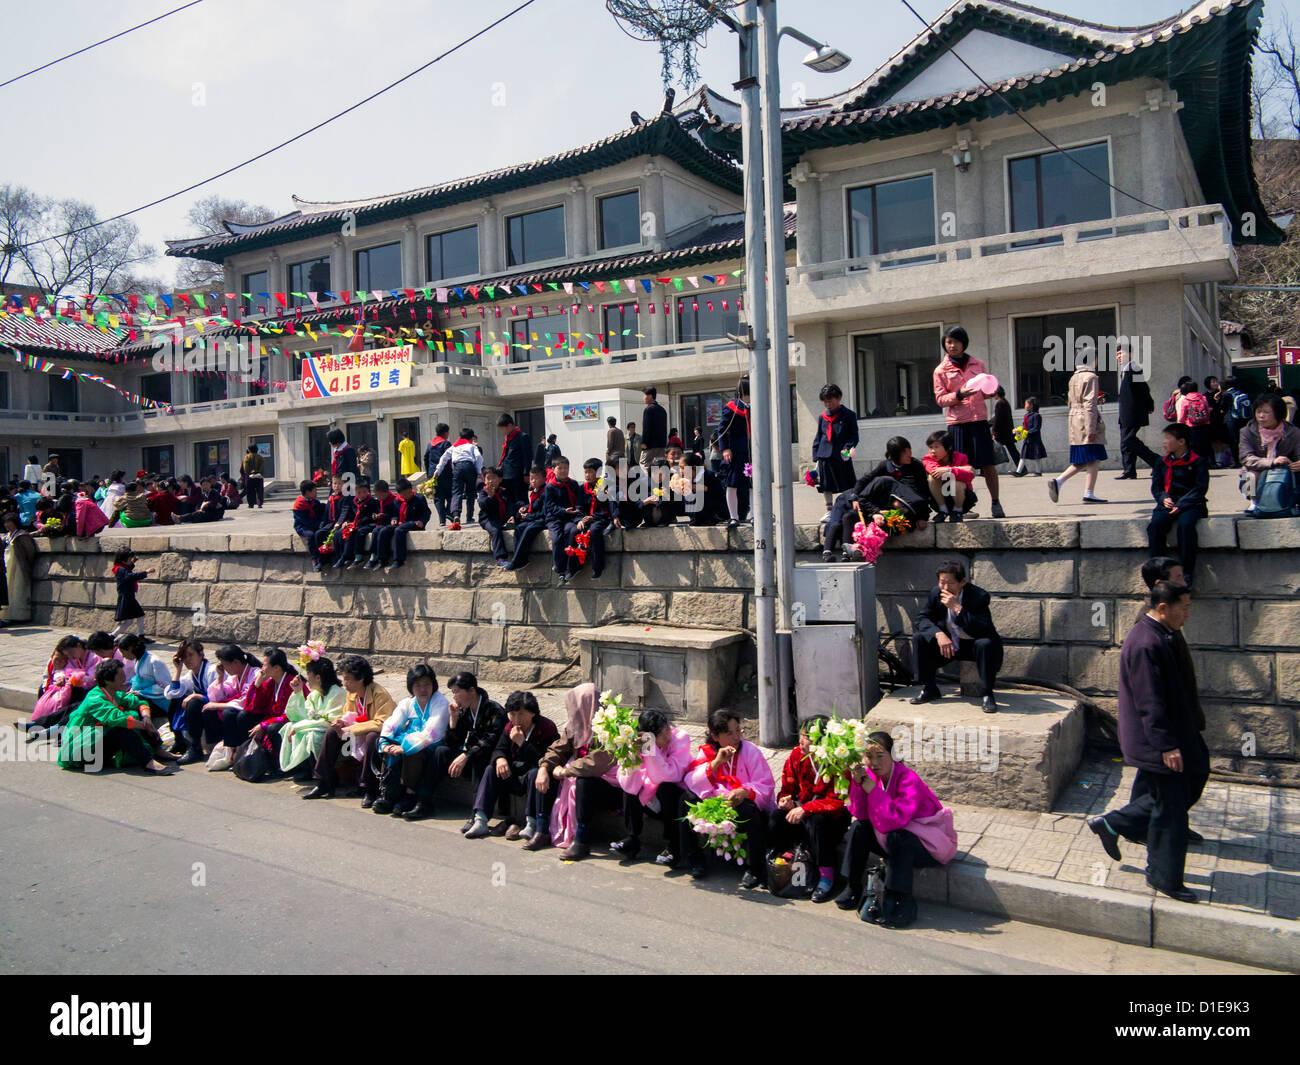 Typische städtische Straßenbild, Pyongyang, Demokratische Volksrepublik Korea (DVRK), Nordkorea, Asien Stockbild